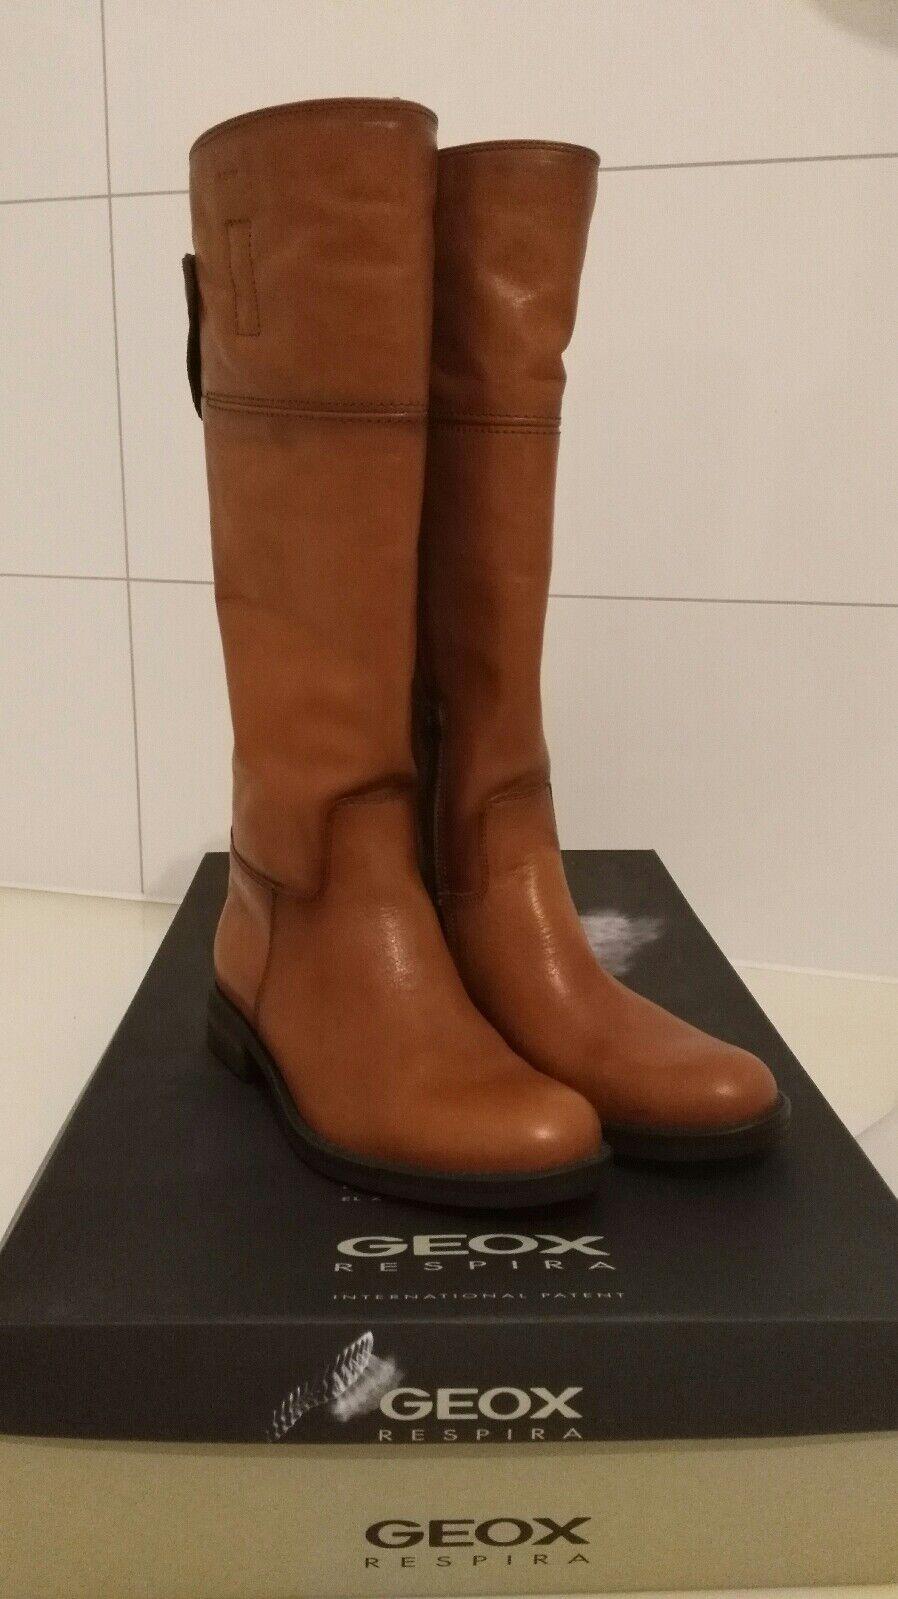 Geox stiefel 37 Cognac neu echt Leder NP 190,-